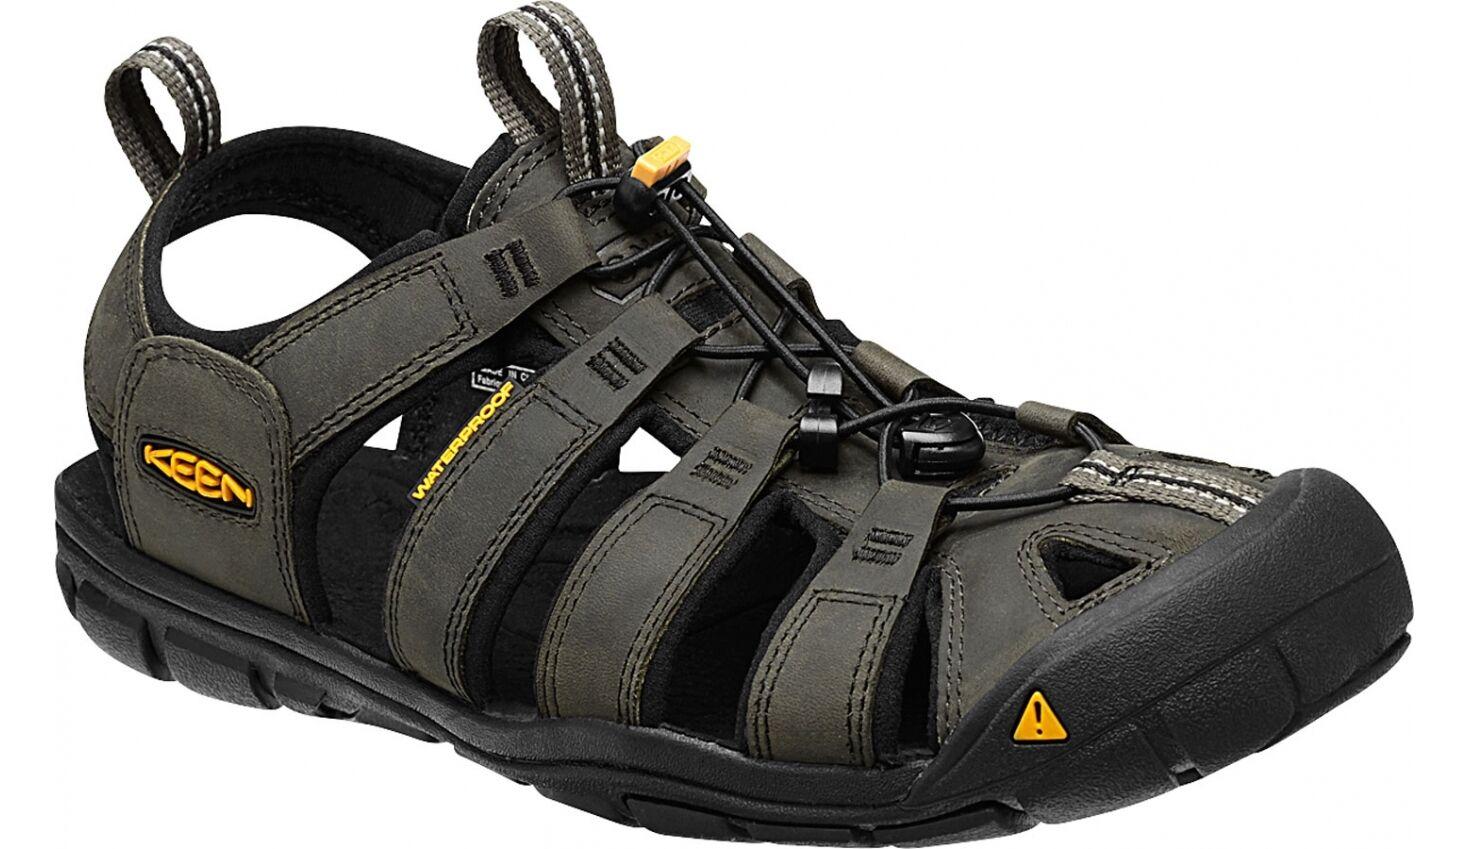 Keen ClearAgua cuero señores Al aire libre trekking senderismo  sandalia impermeable leer     ordene ahora los precios más bajos